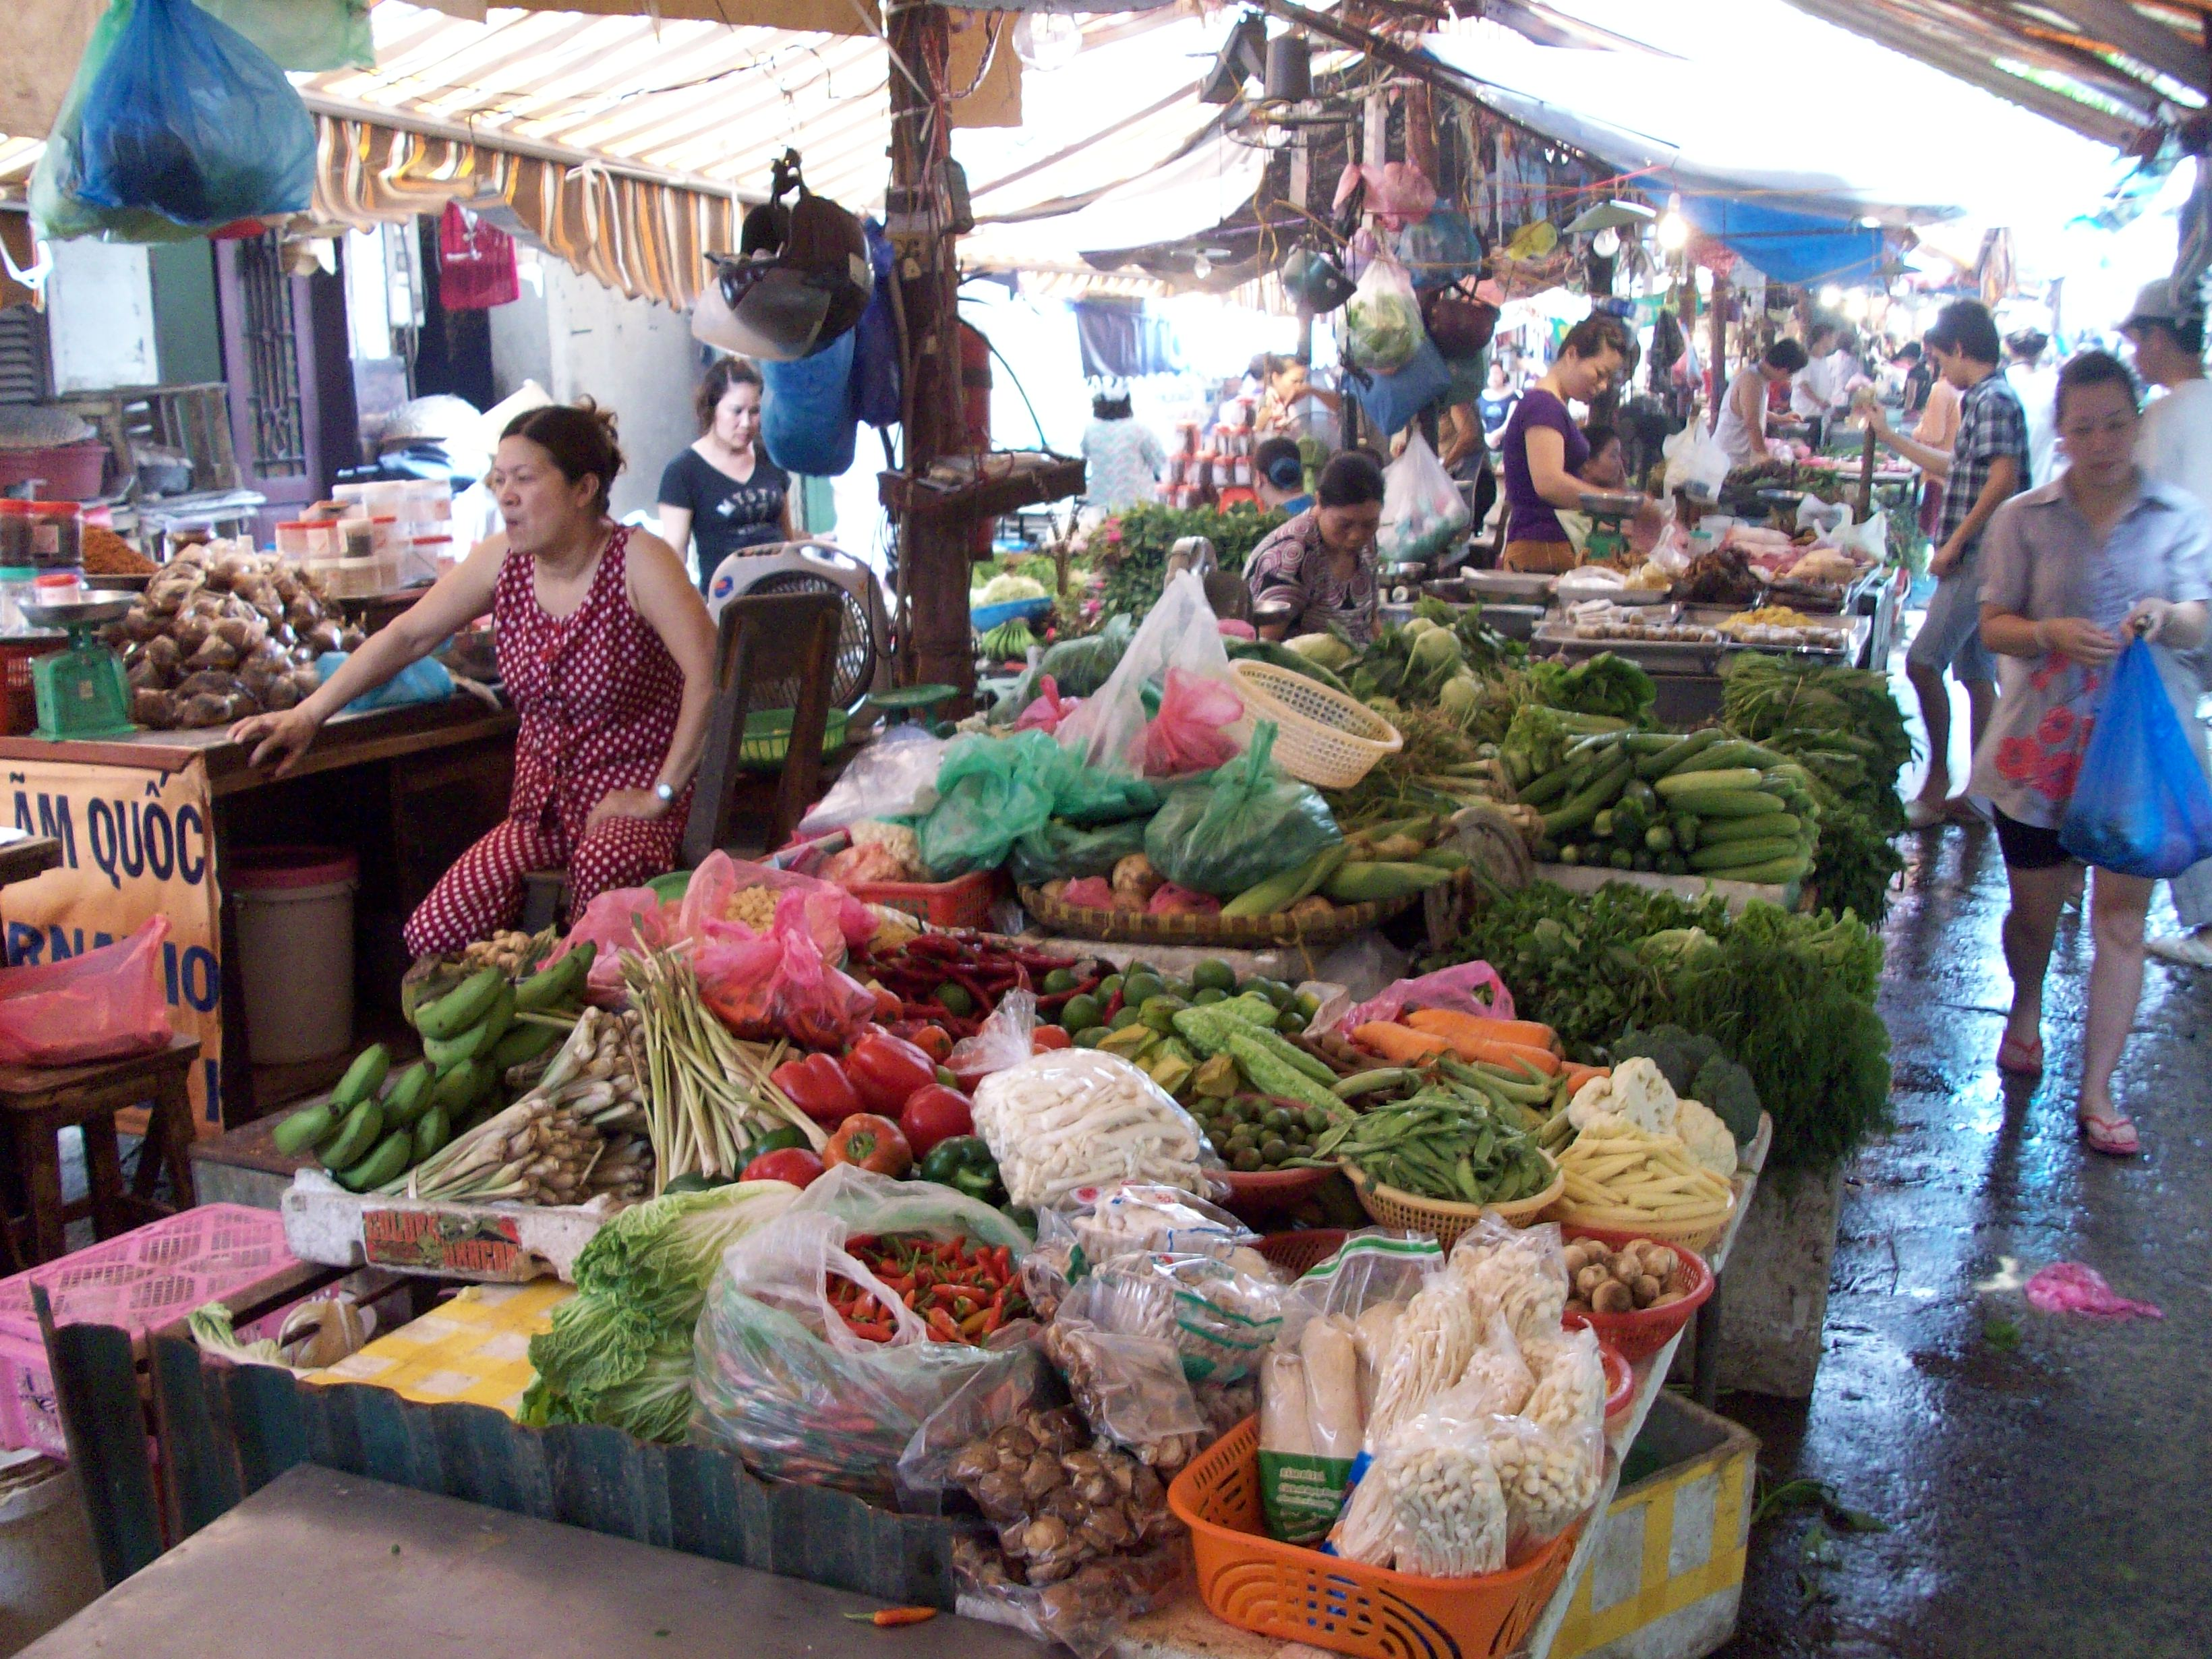 Vietnamissa tuotteiden laatua yritetään jatkuvasti parantaa ja varmistaa, että kotimaiset tuottajat ja kauppiaat eivät jää ulkomaisten investoijien jalkoihin. Kuva: Flickr/David Brewer